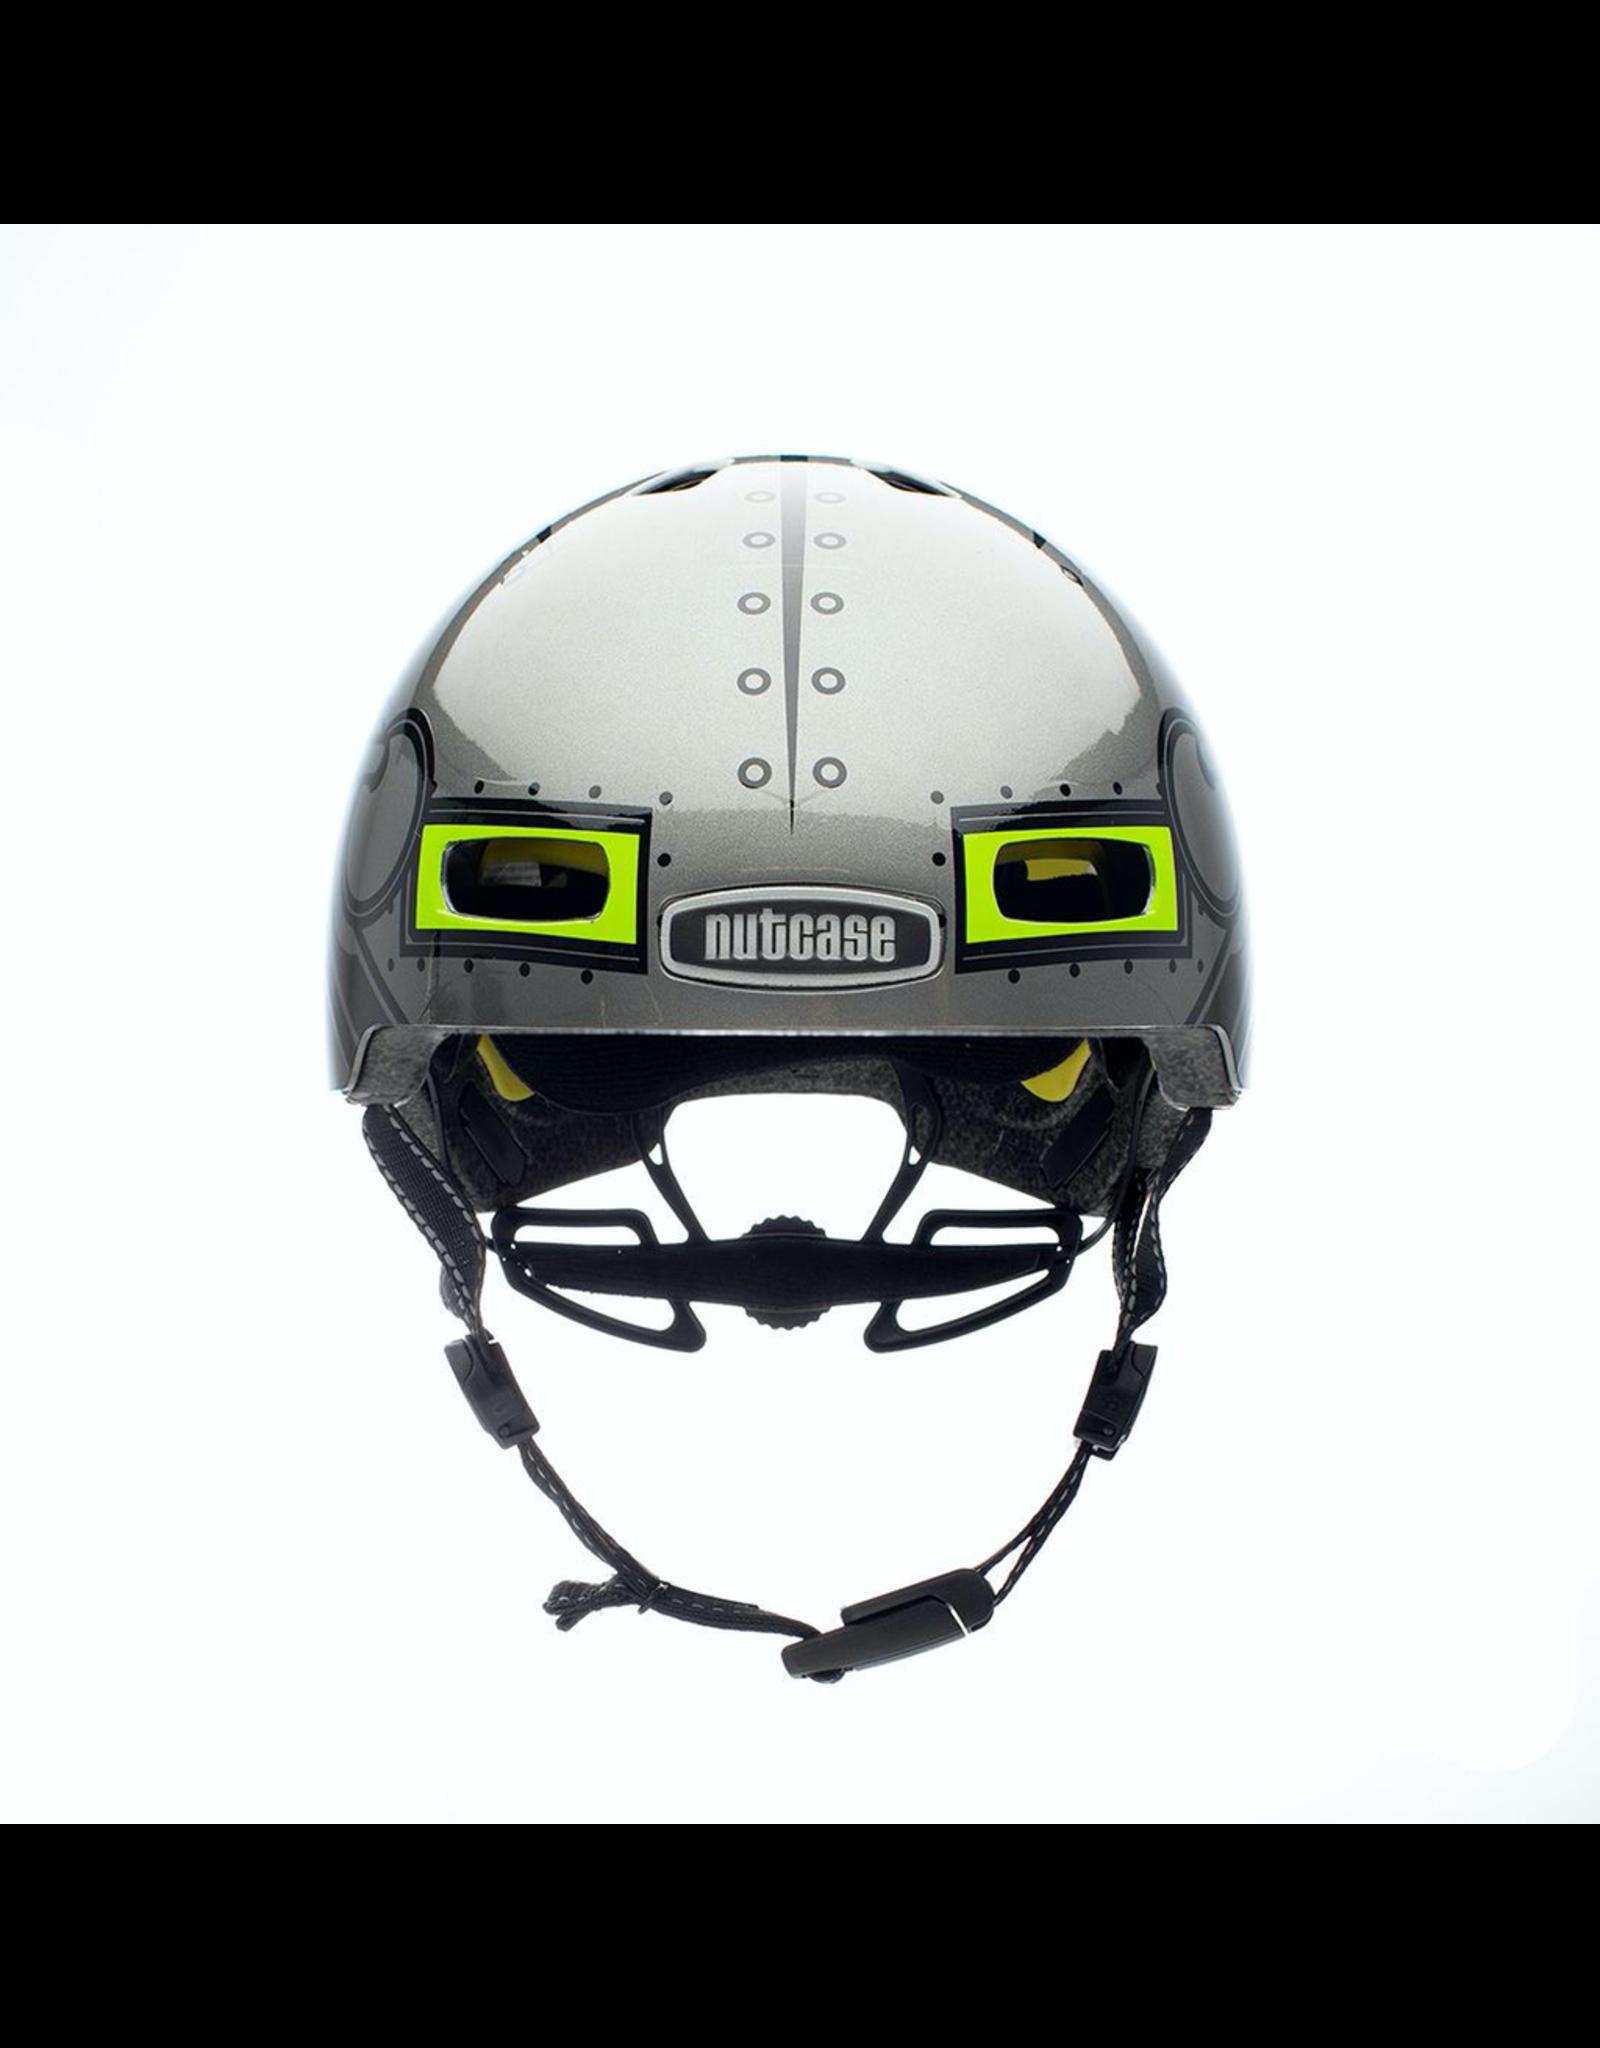 Nutcase Little Nutty Robo Boy Gloss Mips Helmet - Y